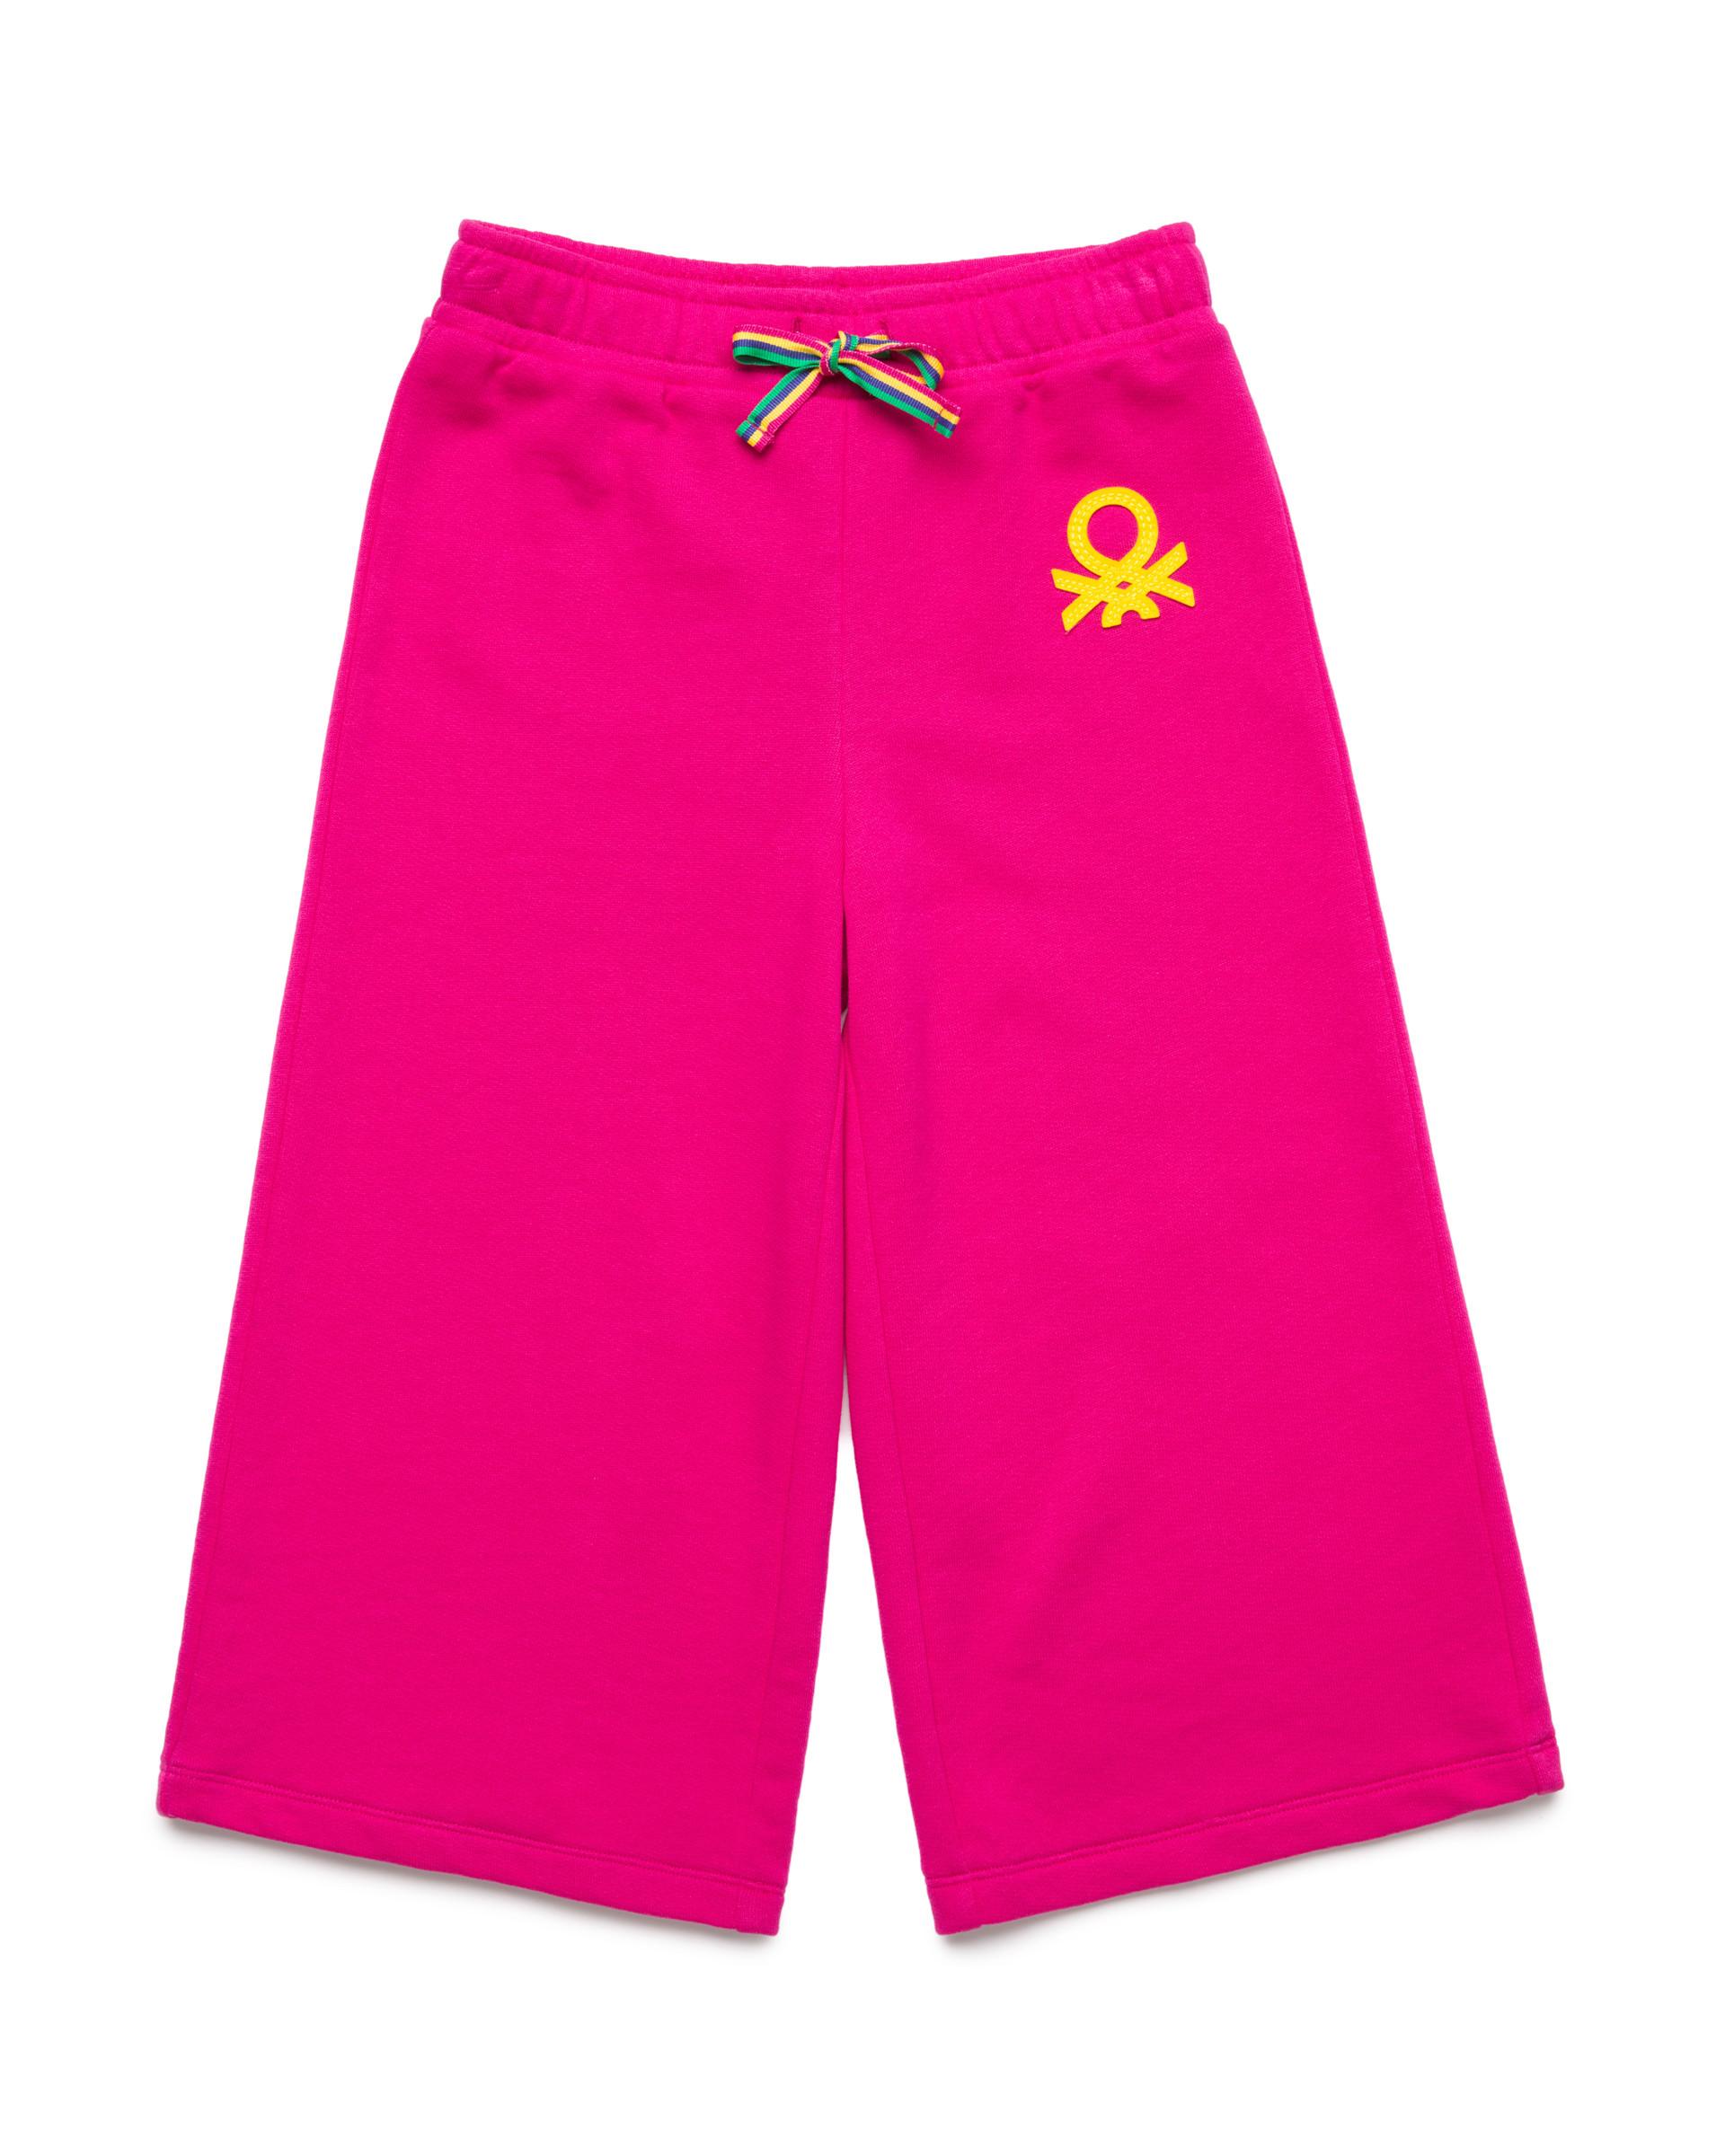 Купить 20P_3J68I0982_2L3, Спортивные брюки-кюлоты 3/4 для девочек Benetton 3J68I0982_2L3 р-р 110, United Colors of Benetton, Брюки для девочек